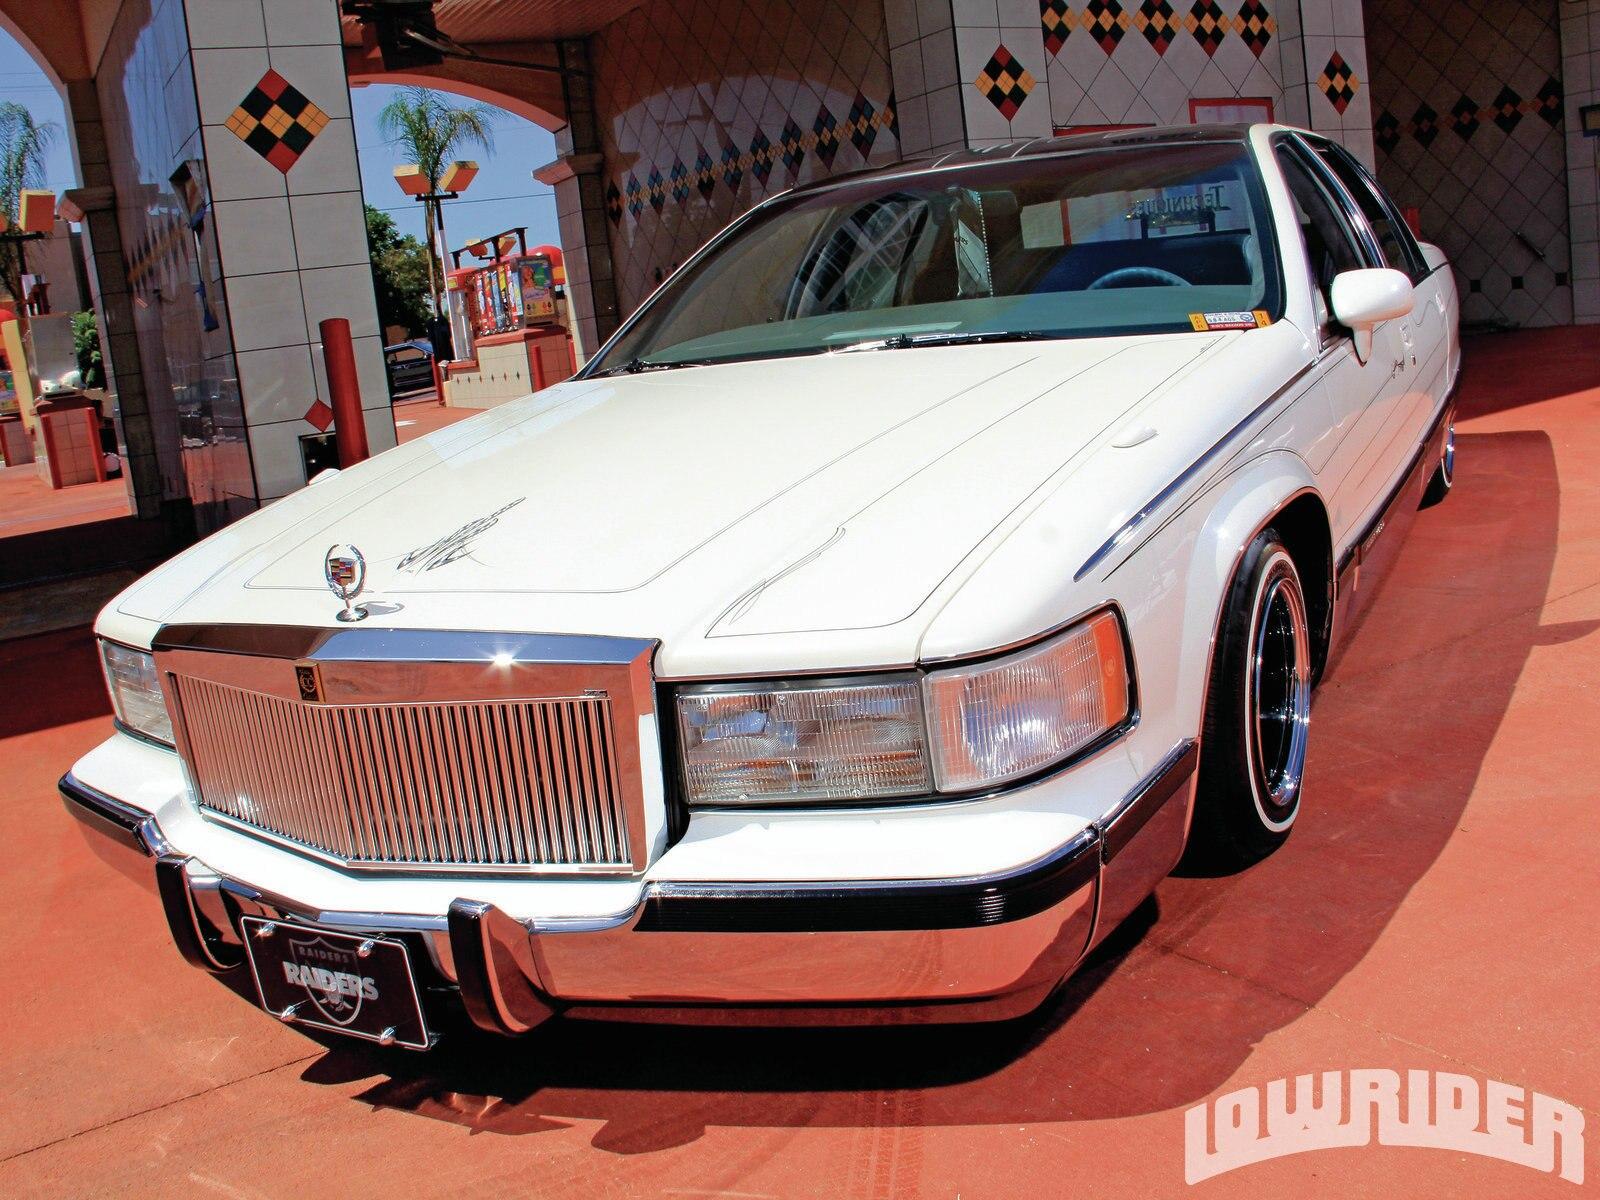 1305-1993-cadillac-fleetwood-headlights2